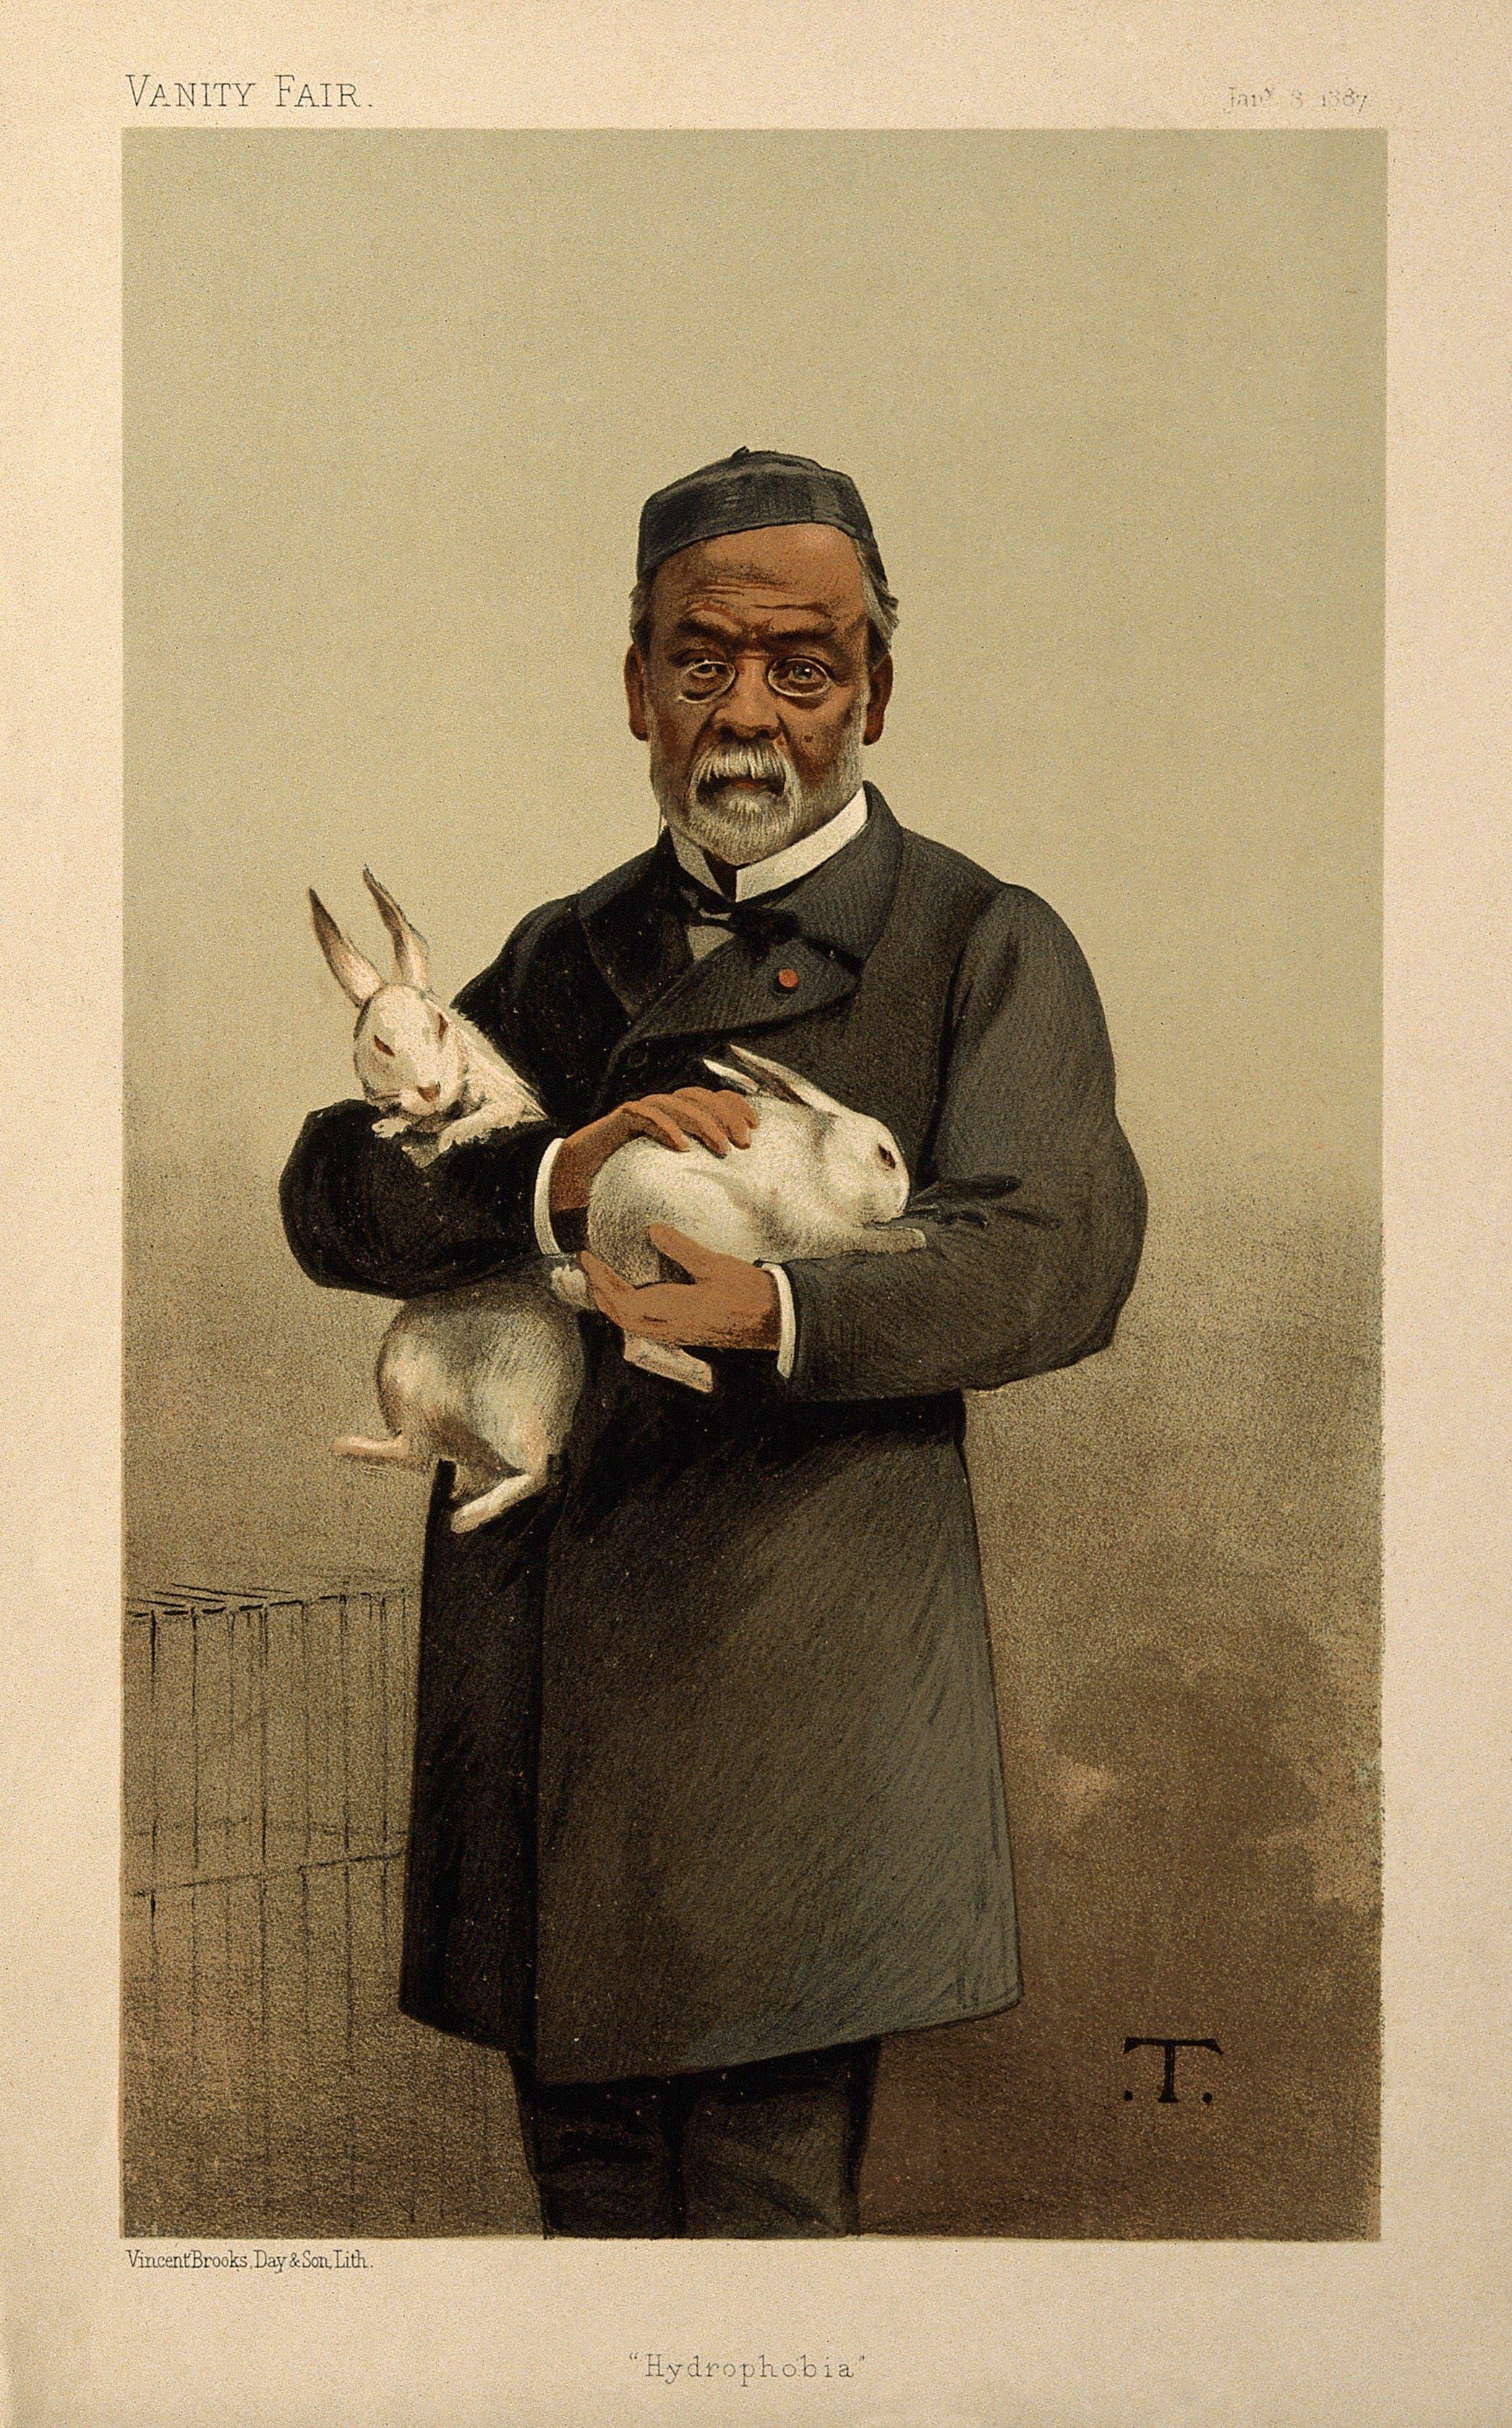 لوحة تجسد باستور رفقة عدد من الأرانب